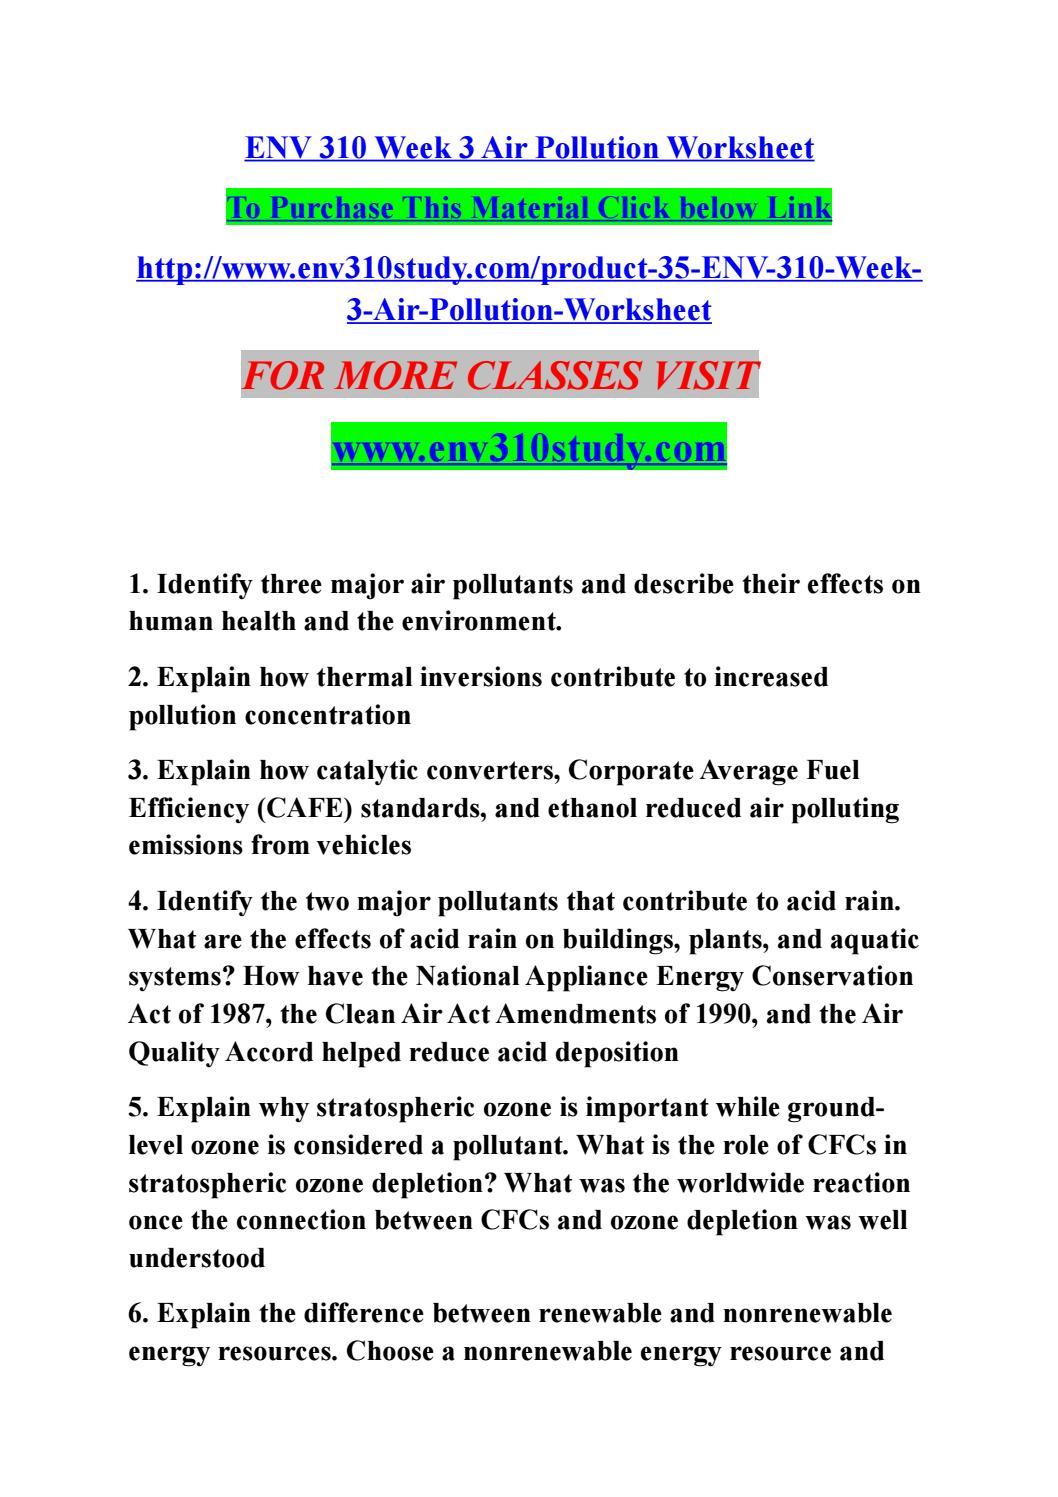 Env 310 week 3 air pollution worksheet by remo2b - issuu